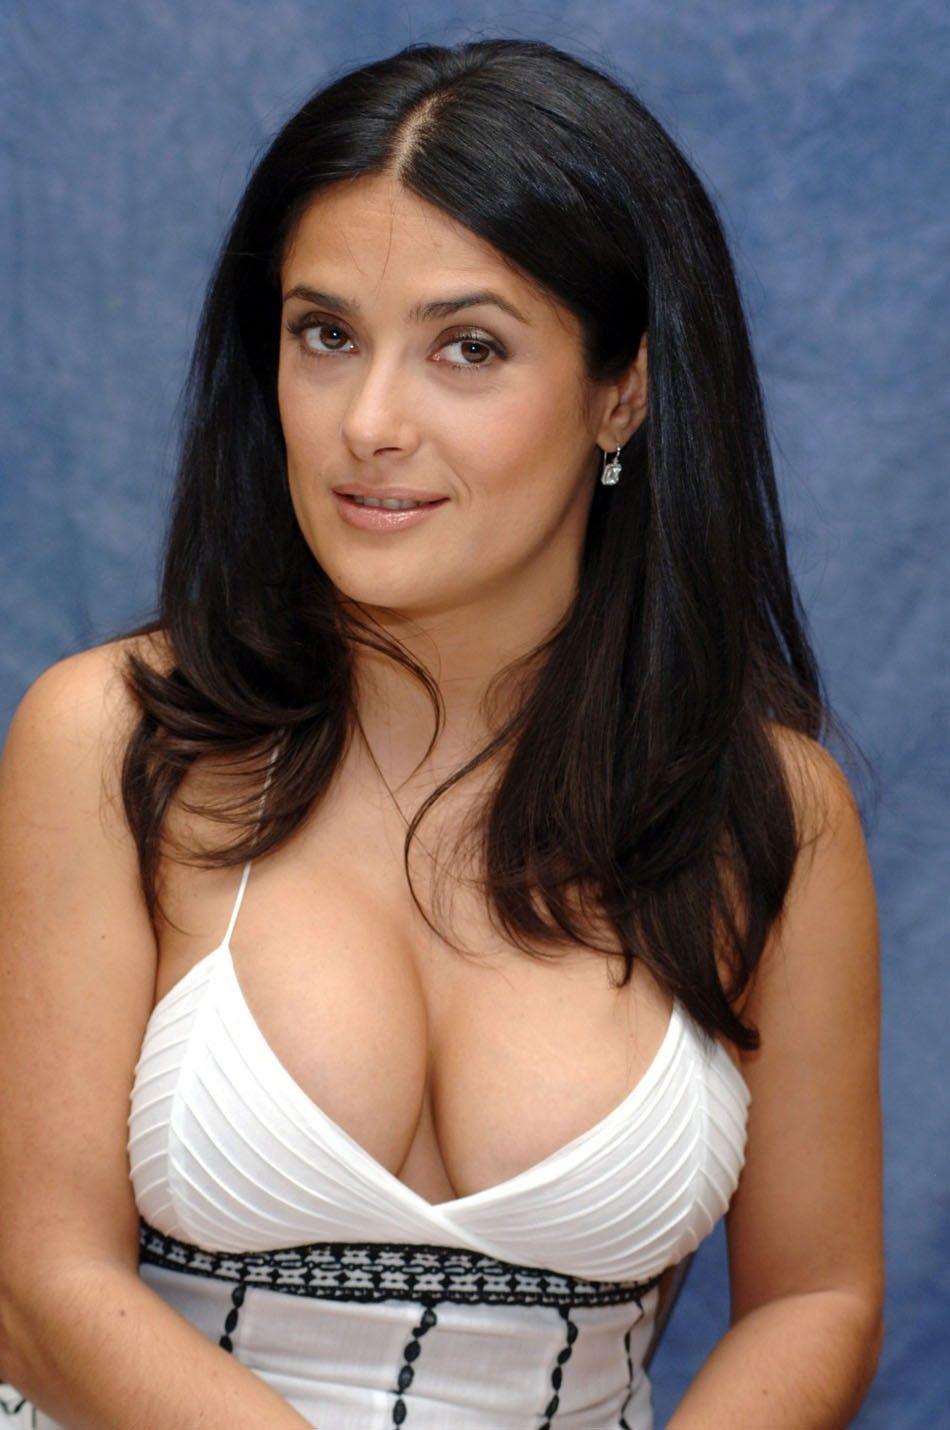 Латино-американка показывает большую грудь  456594